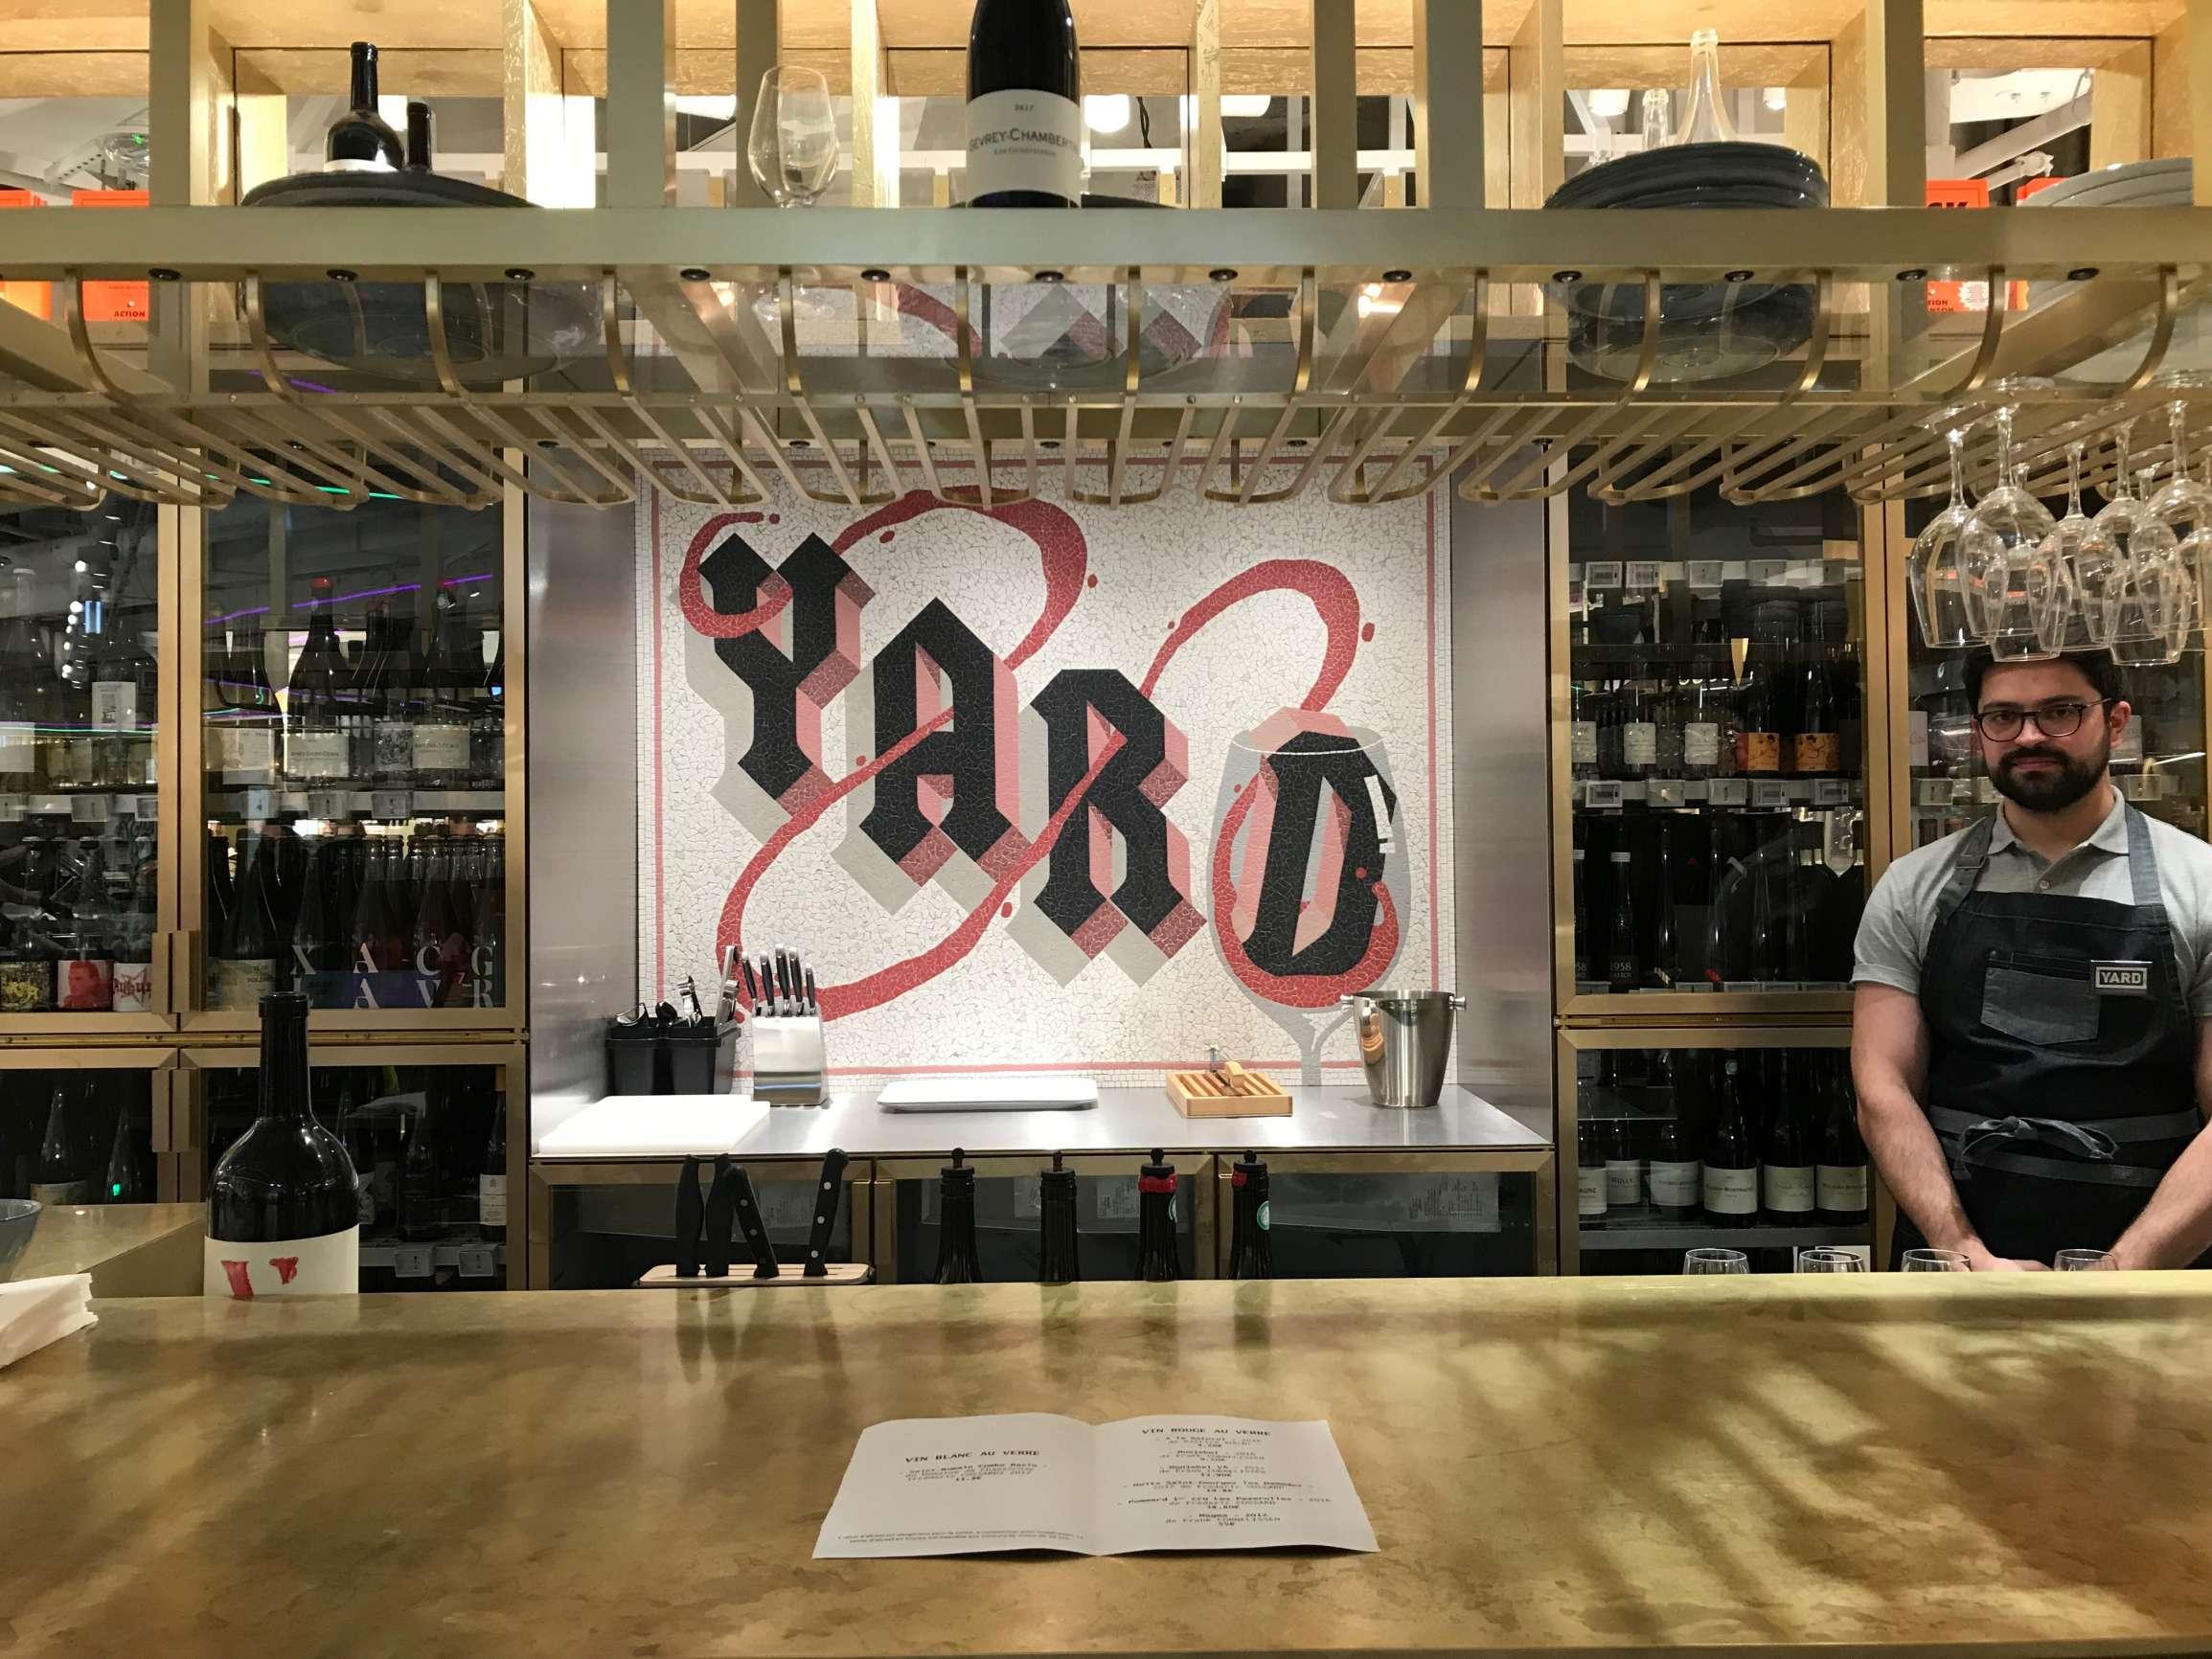 YARD - Bar à vin, Galeries Lafayette Champs-Élysées